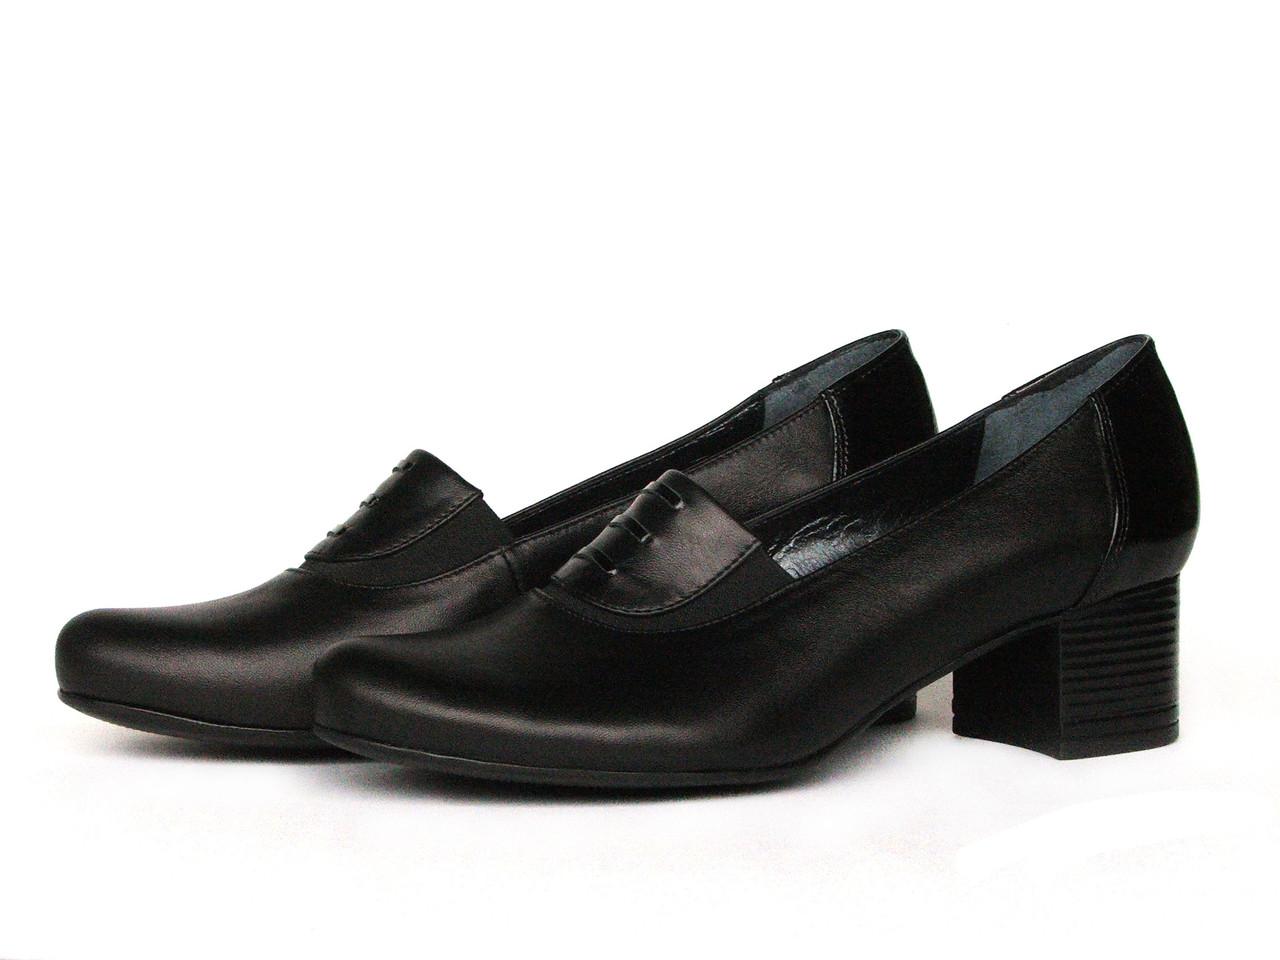 Женские черные туфли на устойчивом каблуке 4 см